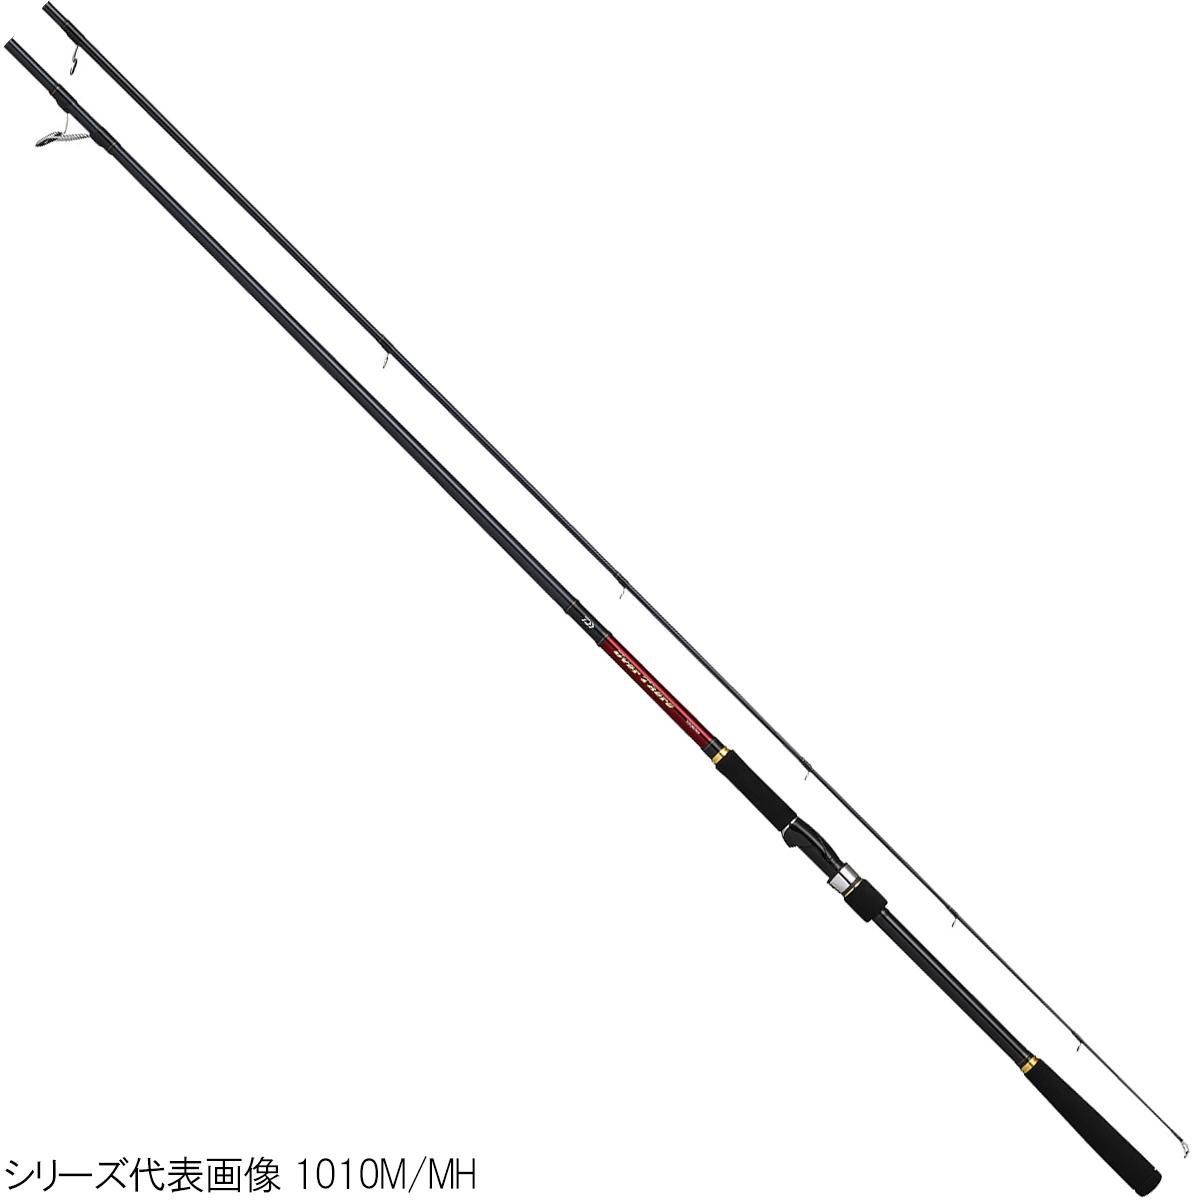 オーバーゼア 109MH ダイワ【大型商品】【同梱不可】